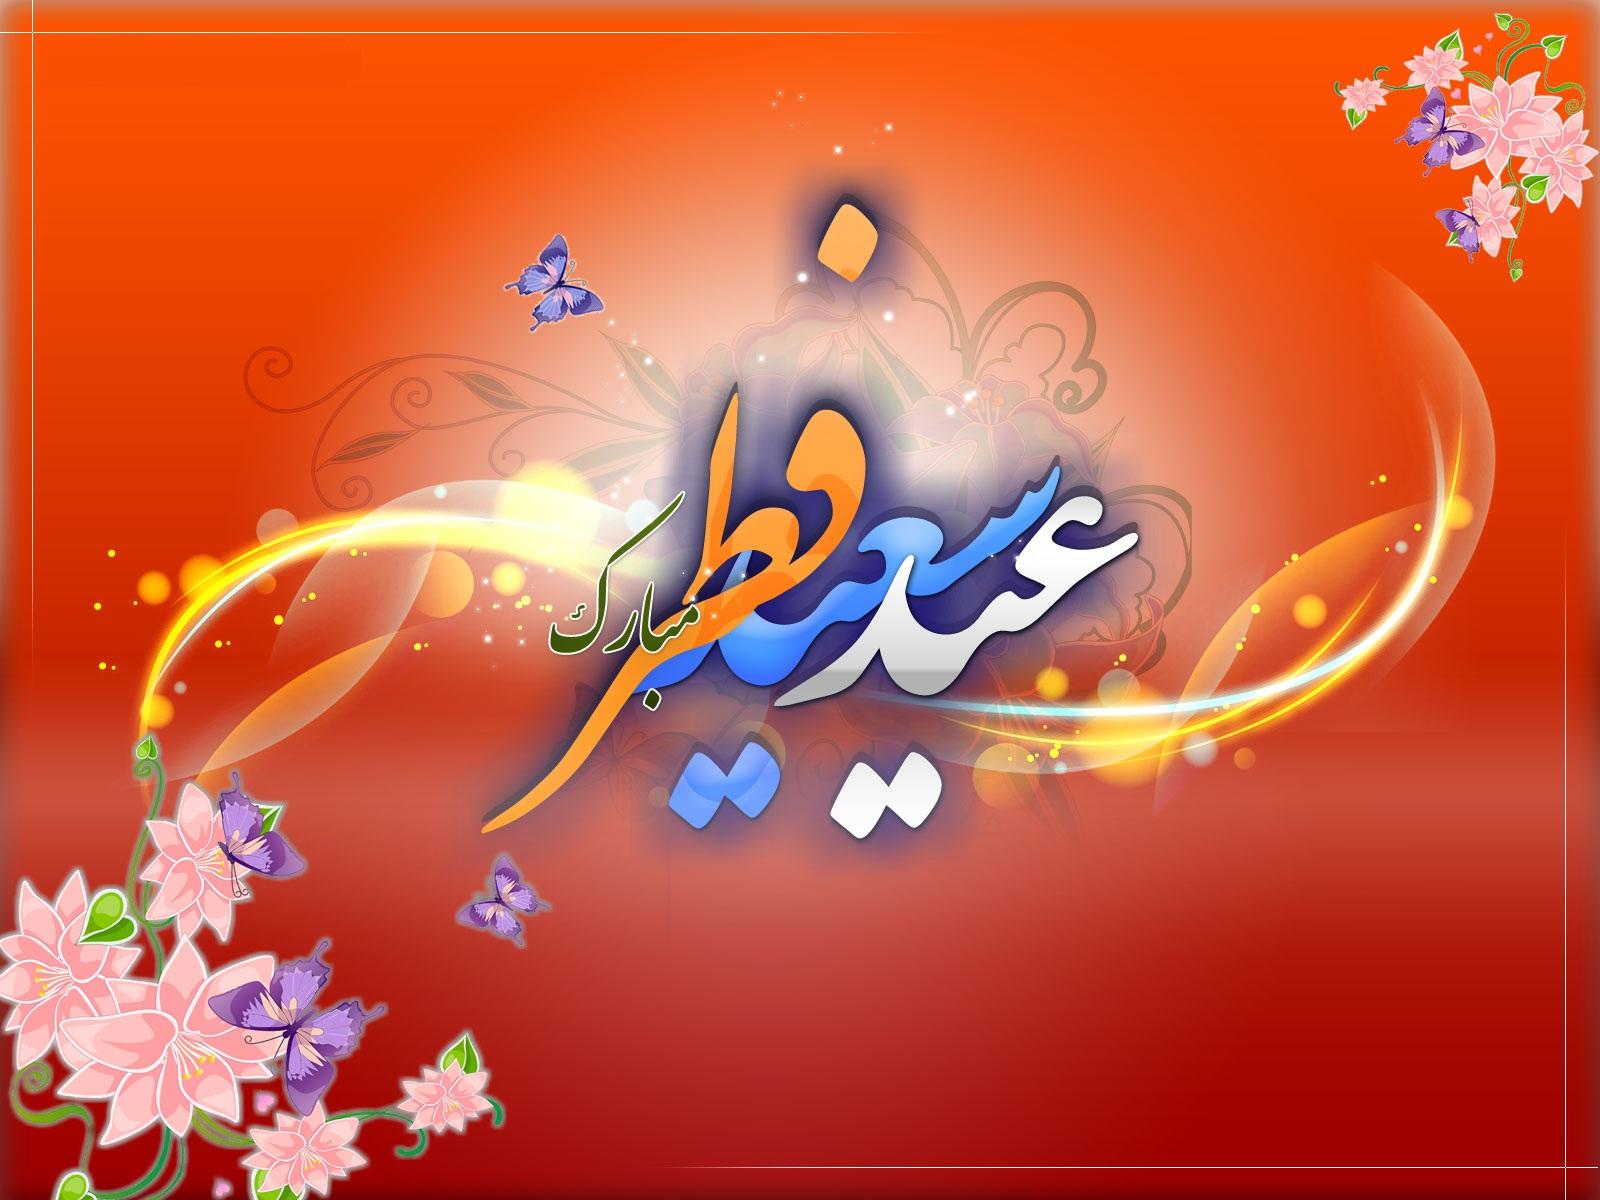 گلچین پیامک های تبریک عید سعید فطر